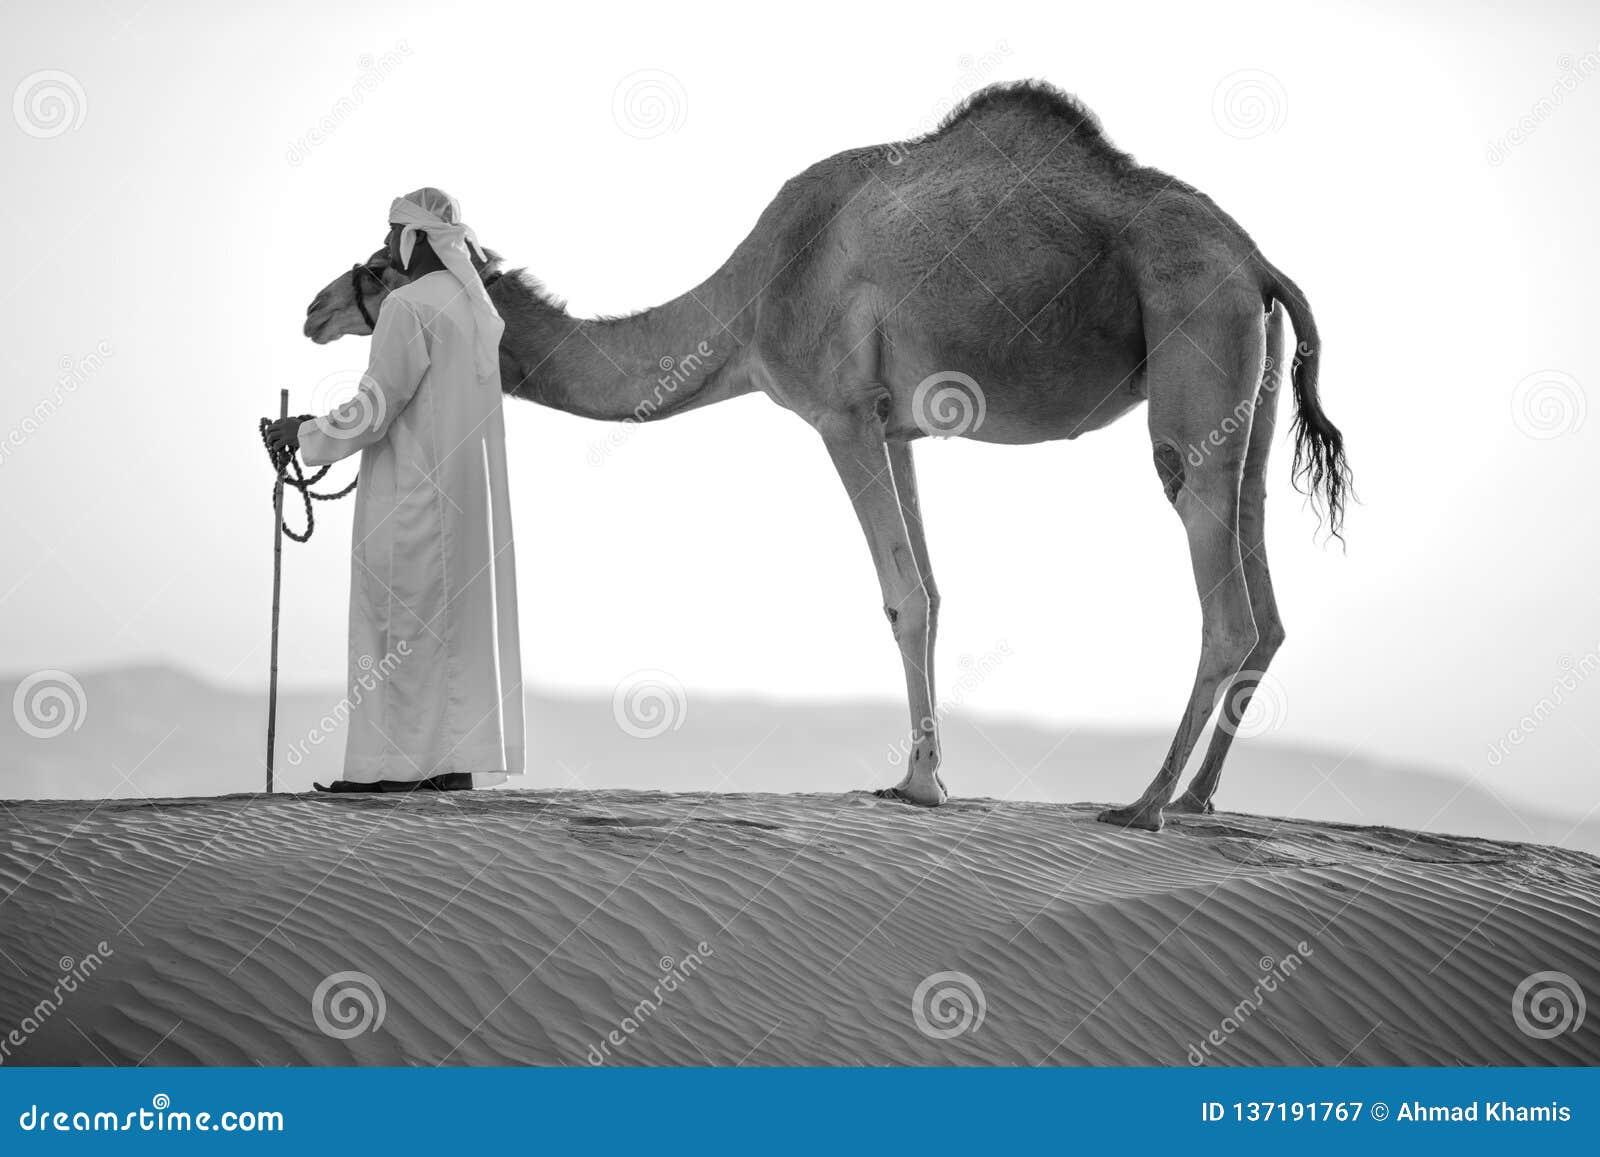 Abu Dhabi wielbłąda pustyni natura dzicy życie konwoje